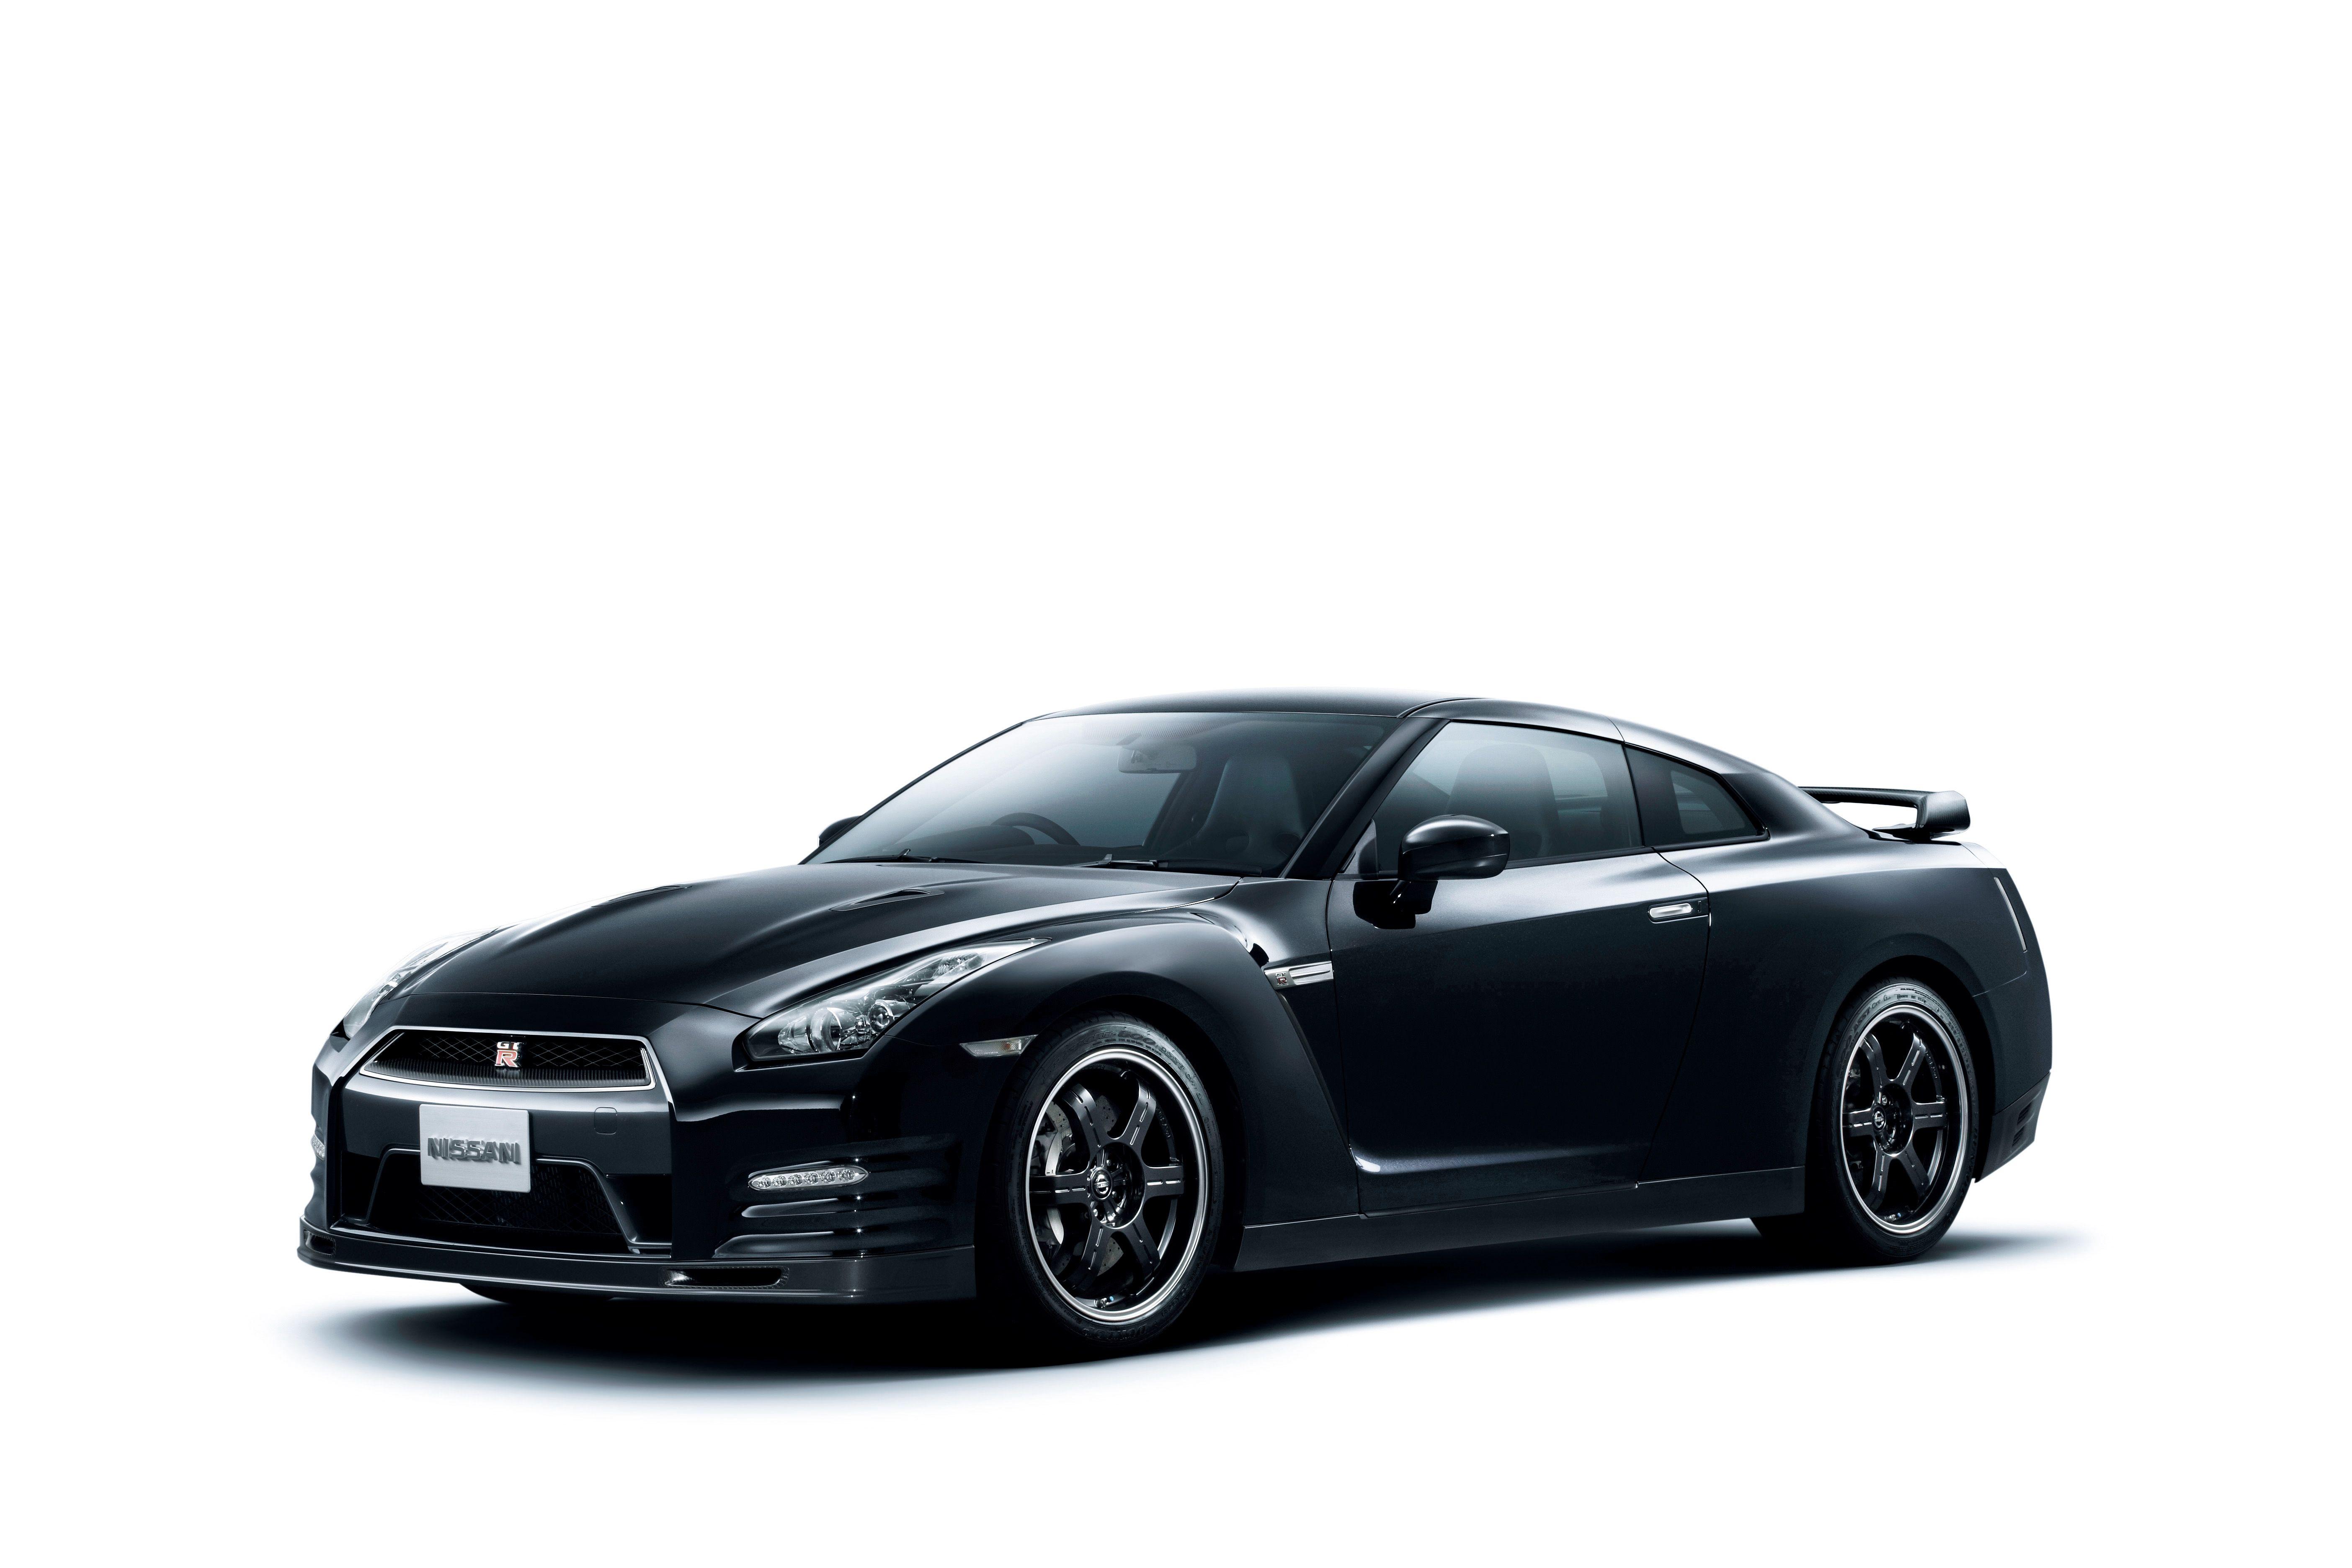 Nissan GTR Spec V  2010